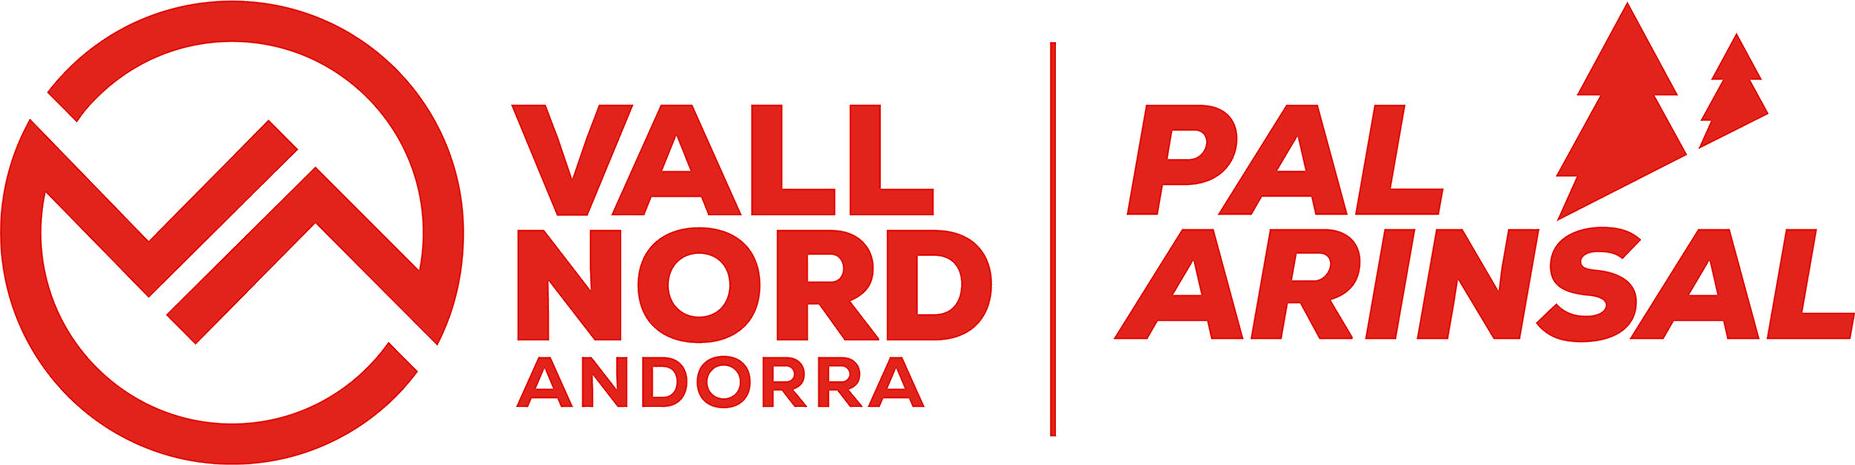 Pal Skimo solidària 2019 – 5 de enero – Vallnord – Pal Arinsal La carrera solidaria de Pal es una de las citas que, año tras año, los practicantes de la modalidad de esquí de montaña marcan en el calendari